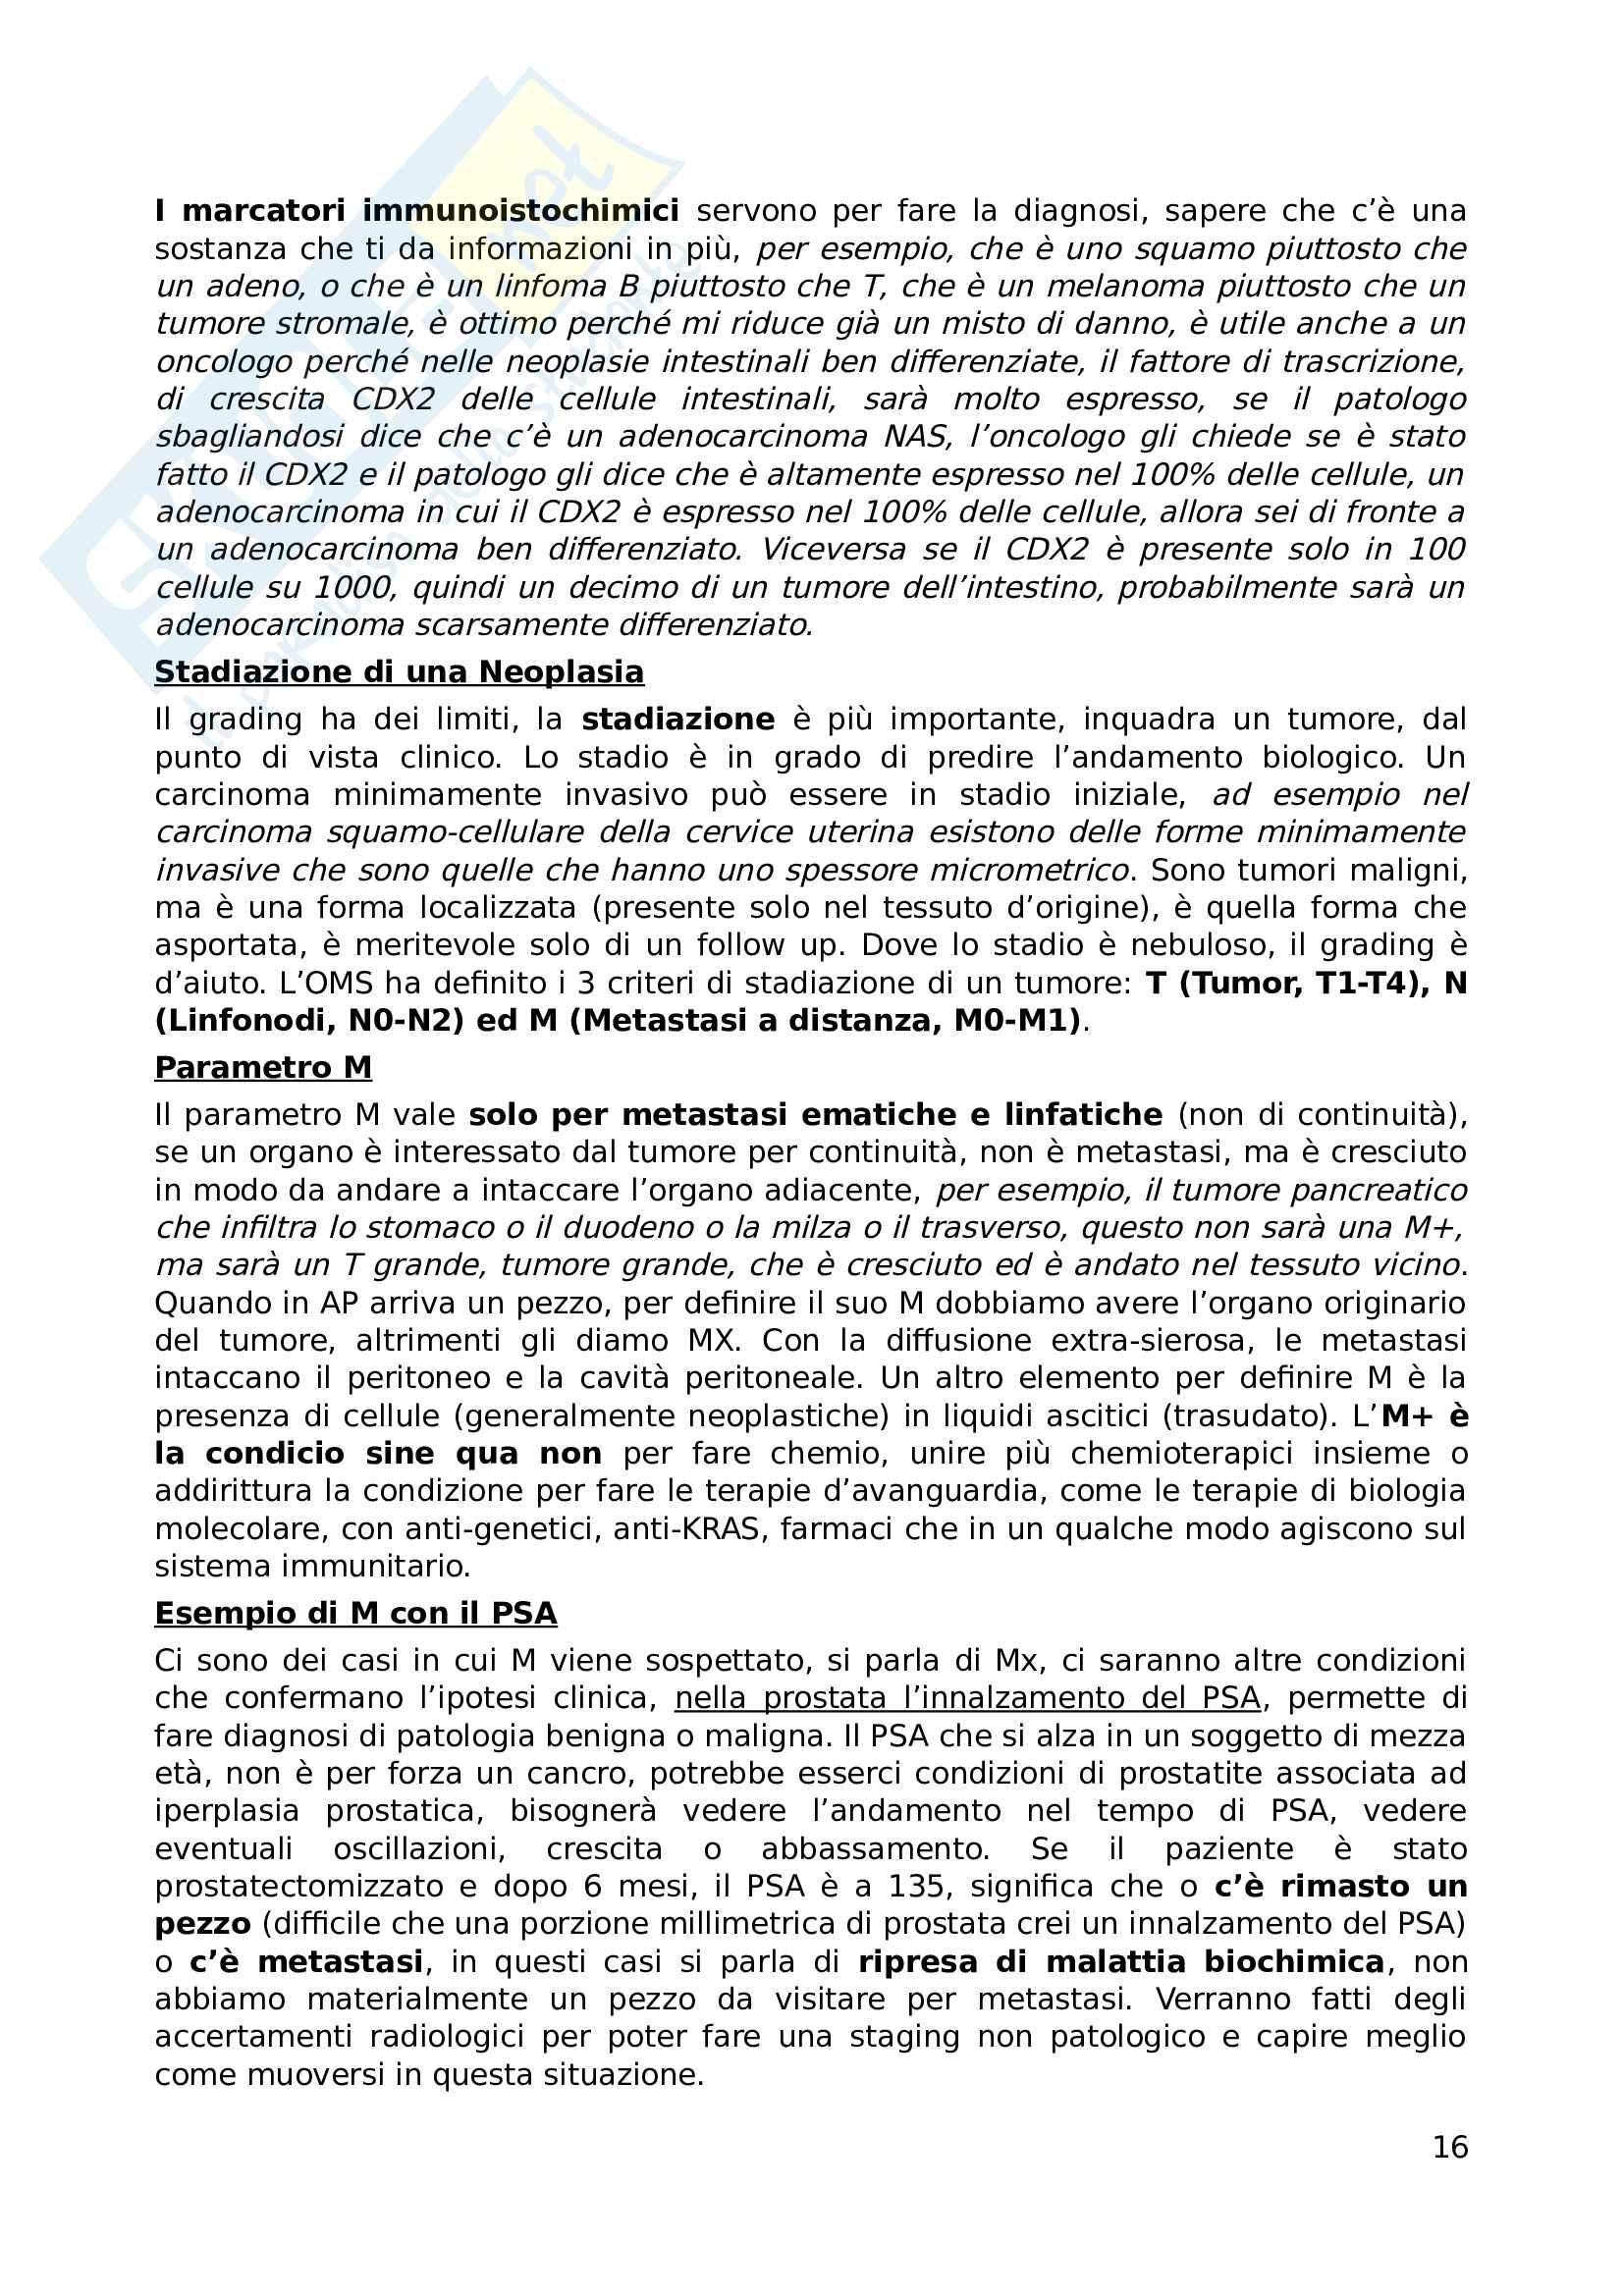 Appunti di Anatomia Patologica Pag. 16